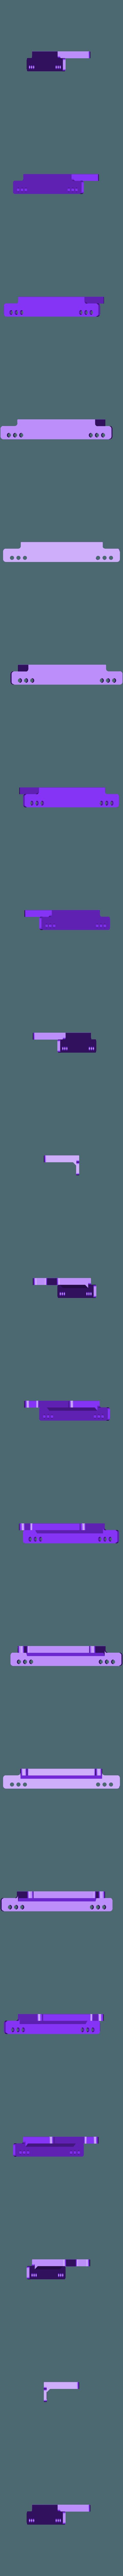 HDD bracket right.STL Télécharger fichier STL gratuit Raspberry Pi 3 B+ enclosure • Modèle à imprimer en 3D, kgitman